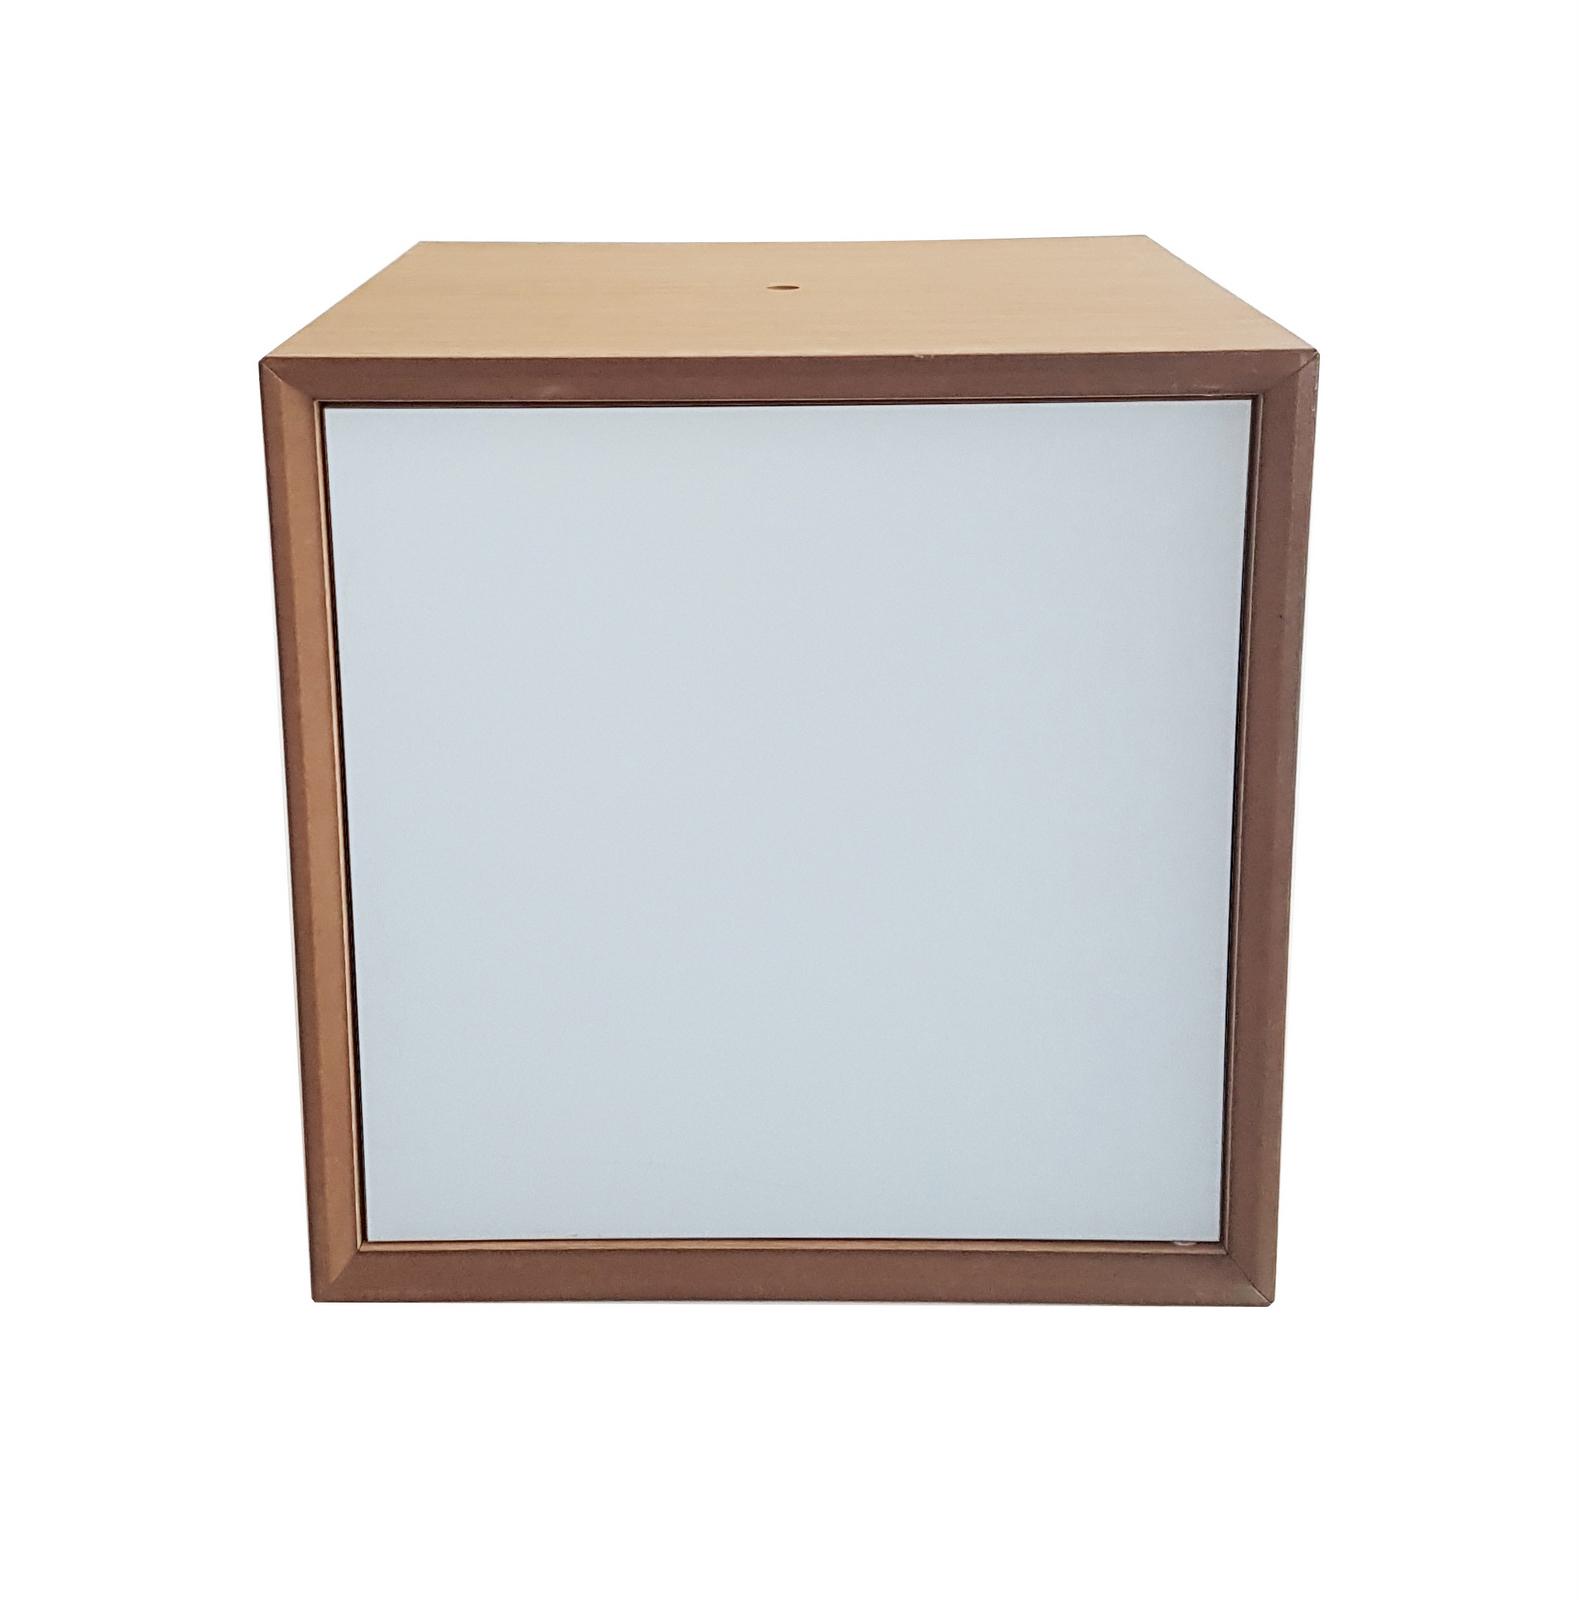 Dulap modular Pixel Light Grey, L40xl40xh40 cm